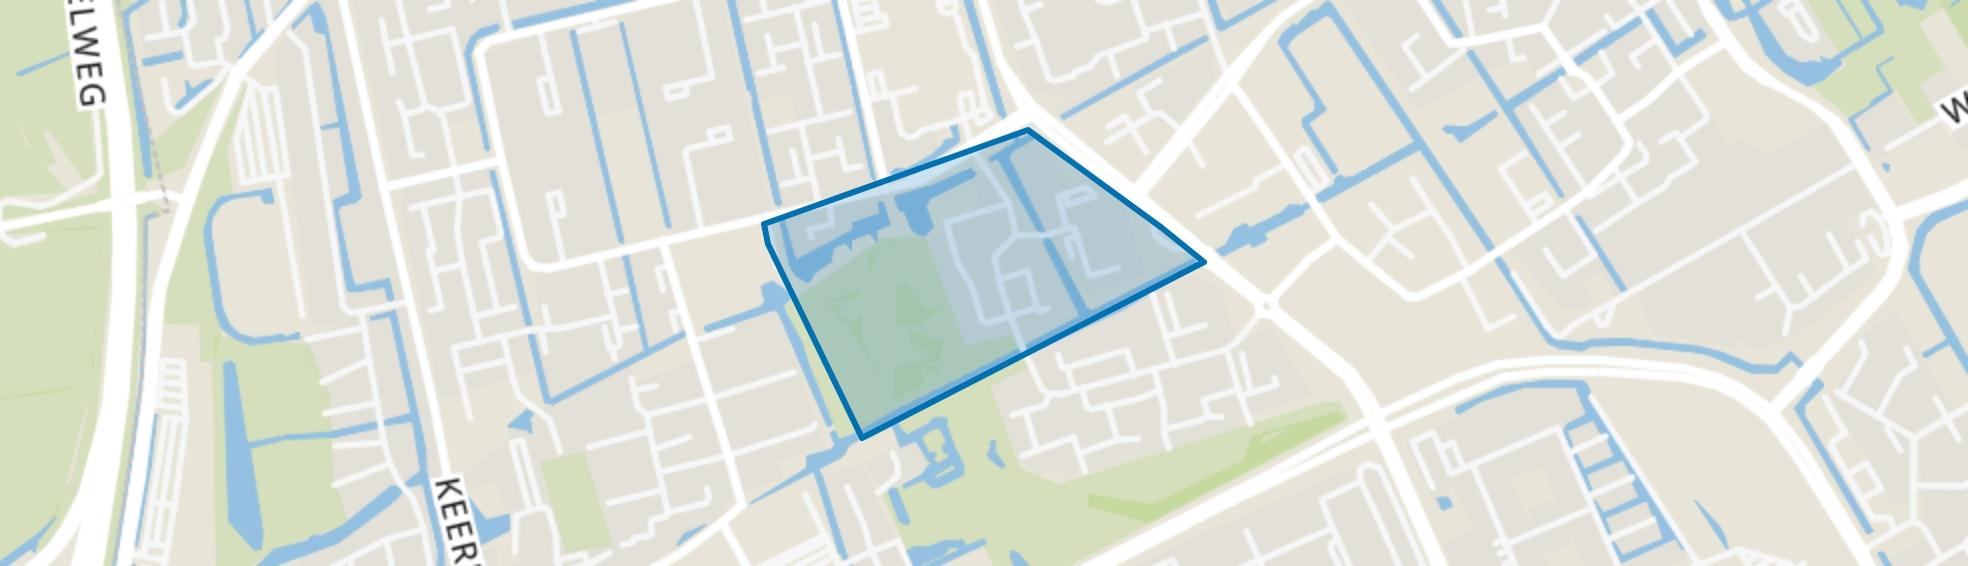 Risdam-Zuid - Buurt 20 03, Hoorn (NH) map